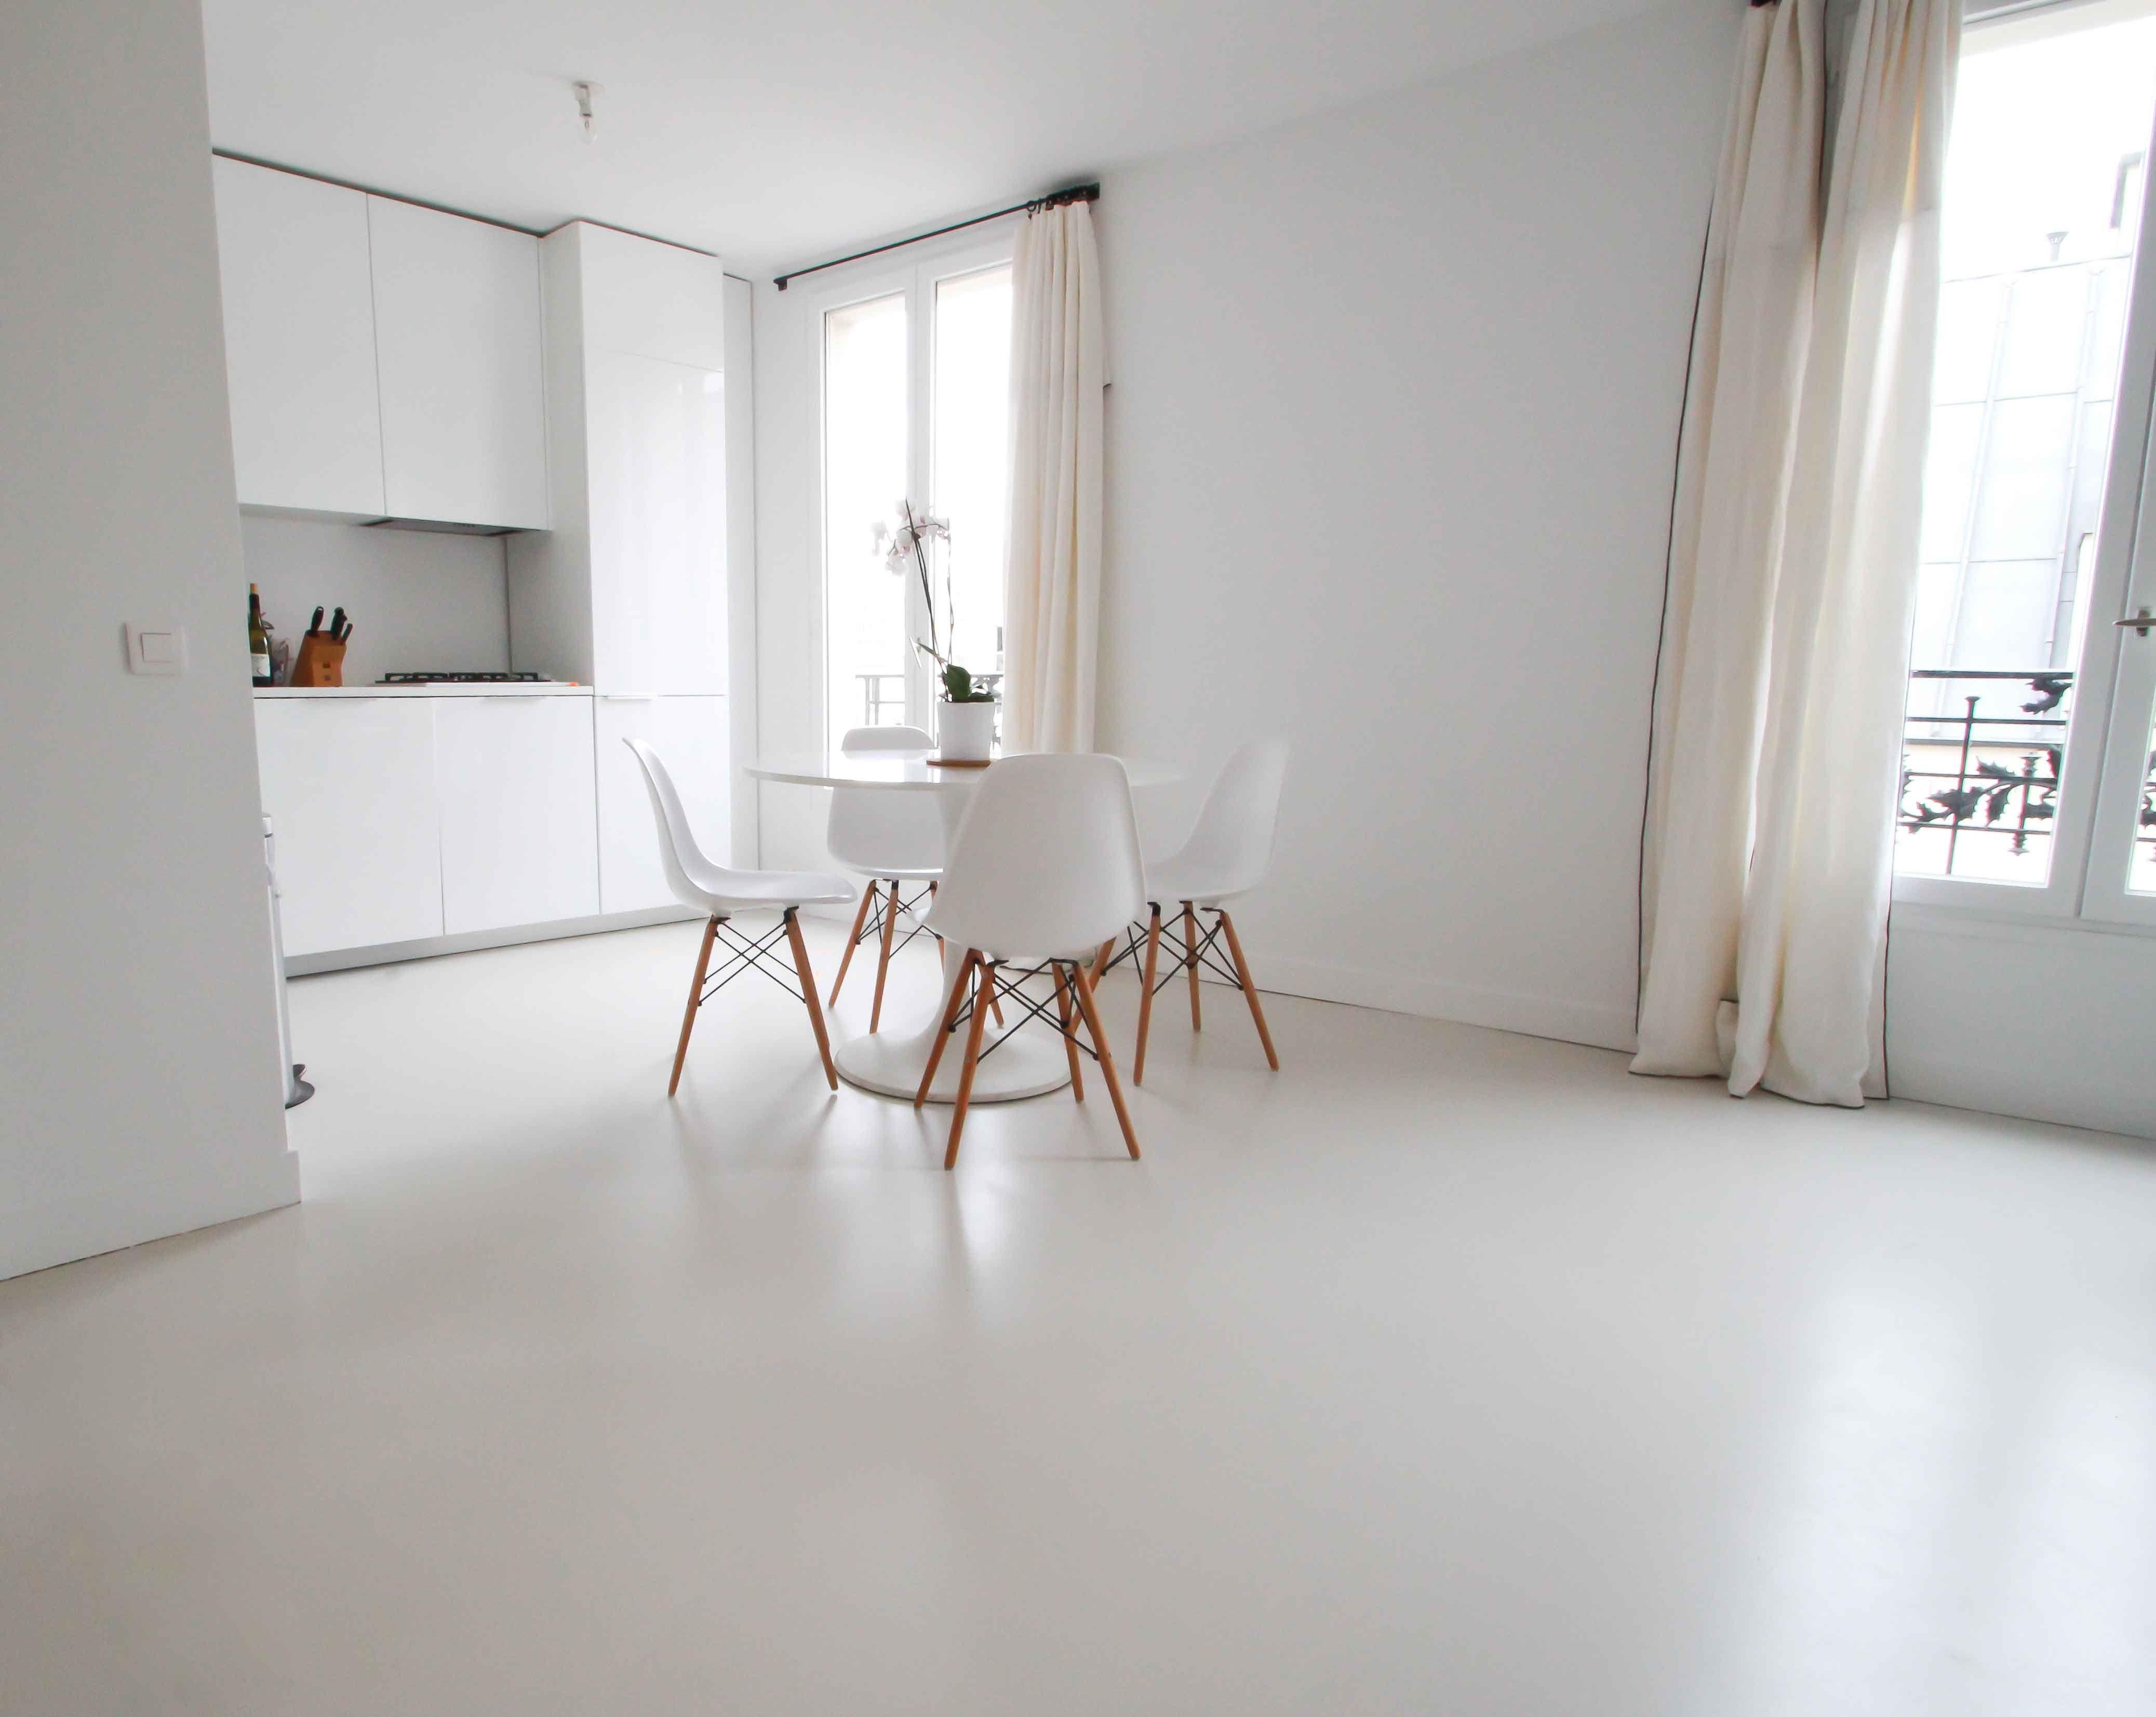 pingl par sirurguet nadia sur sol mirror furniture et. Black Bedroom Furniture Sets. Home Design Ideas